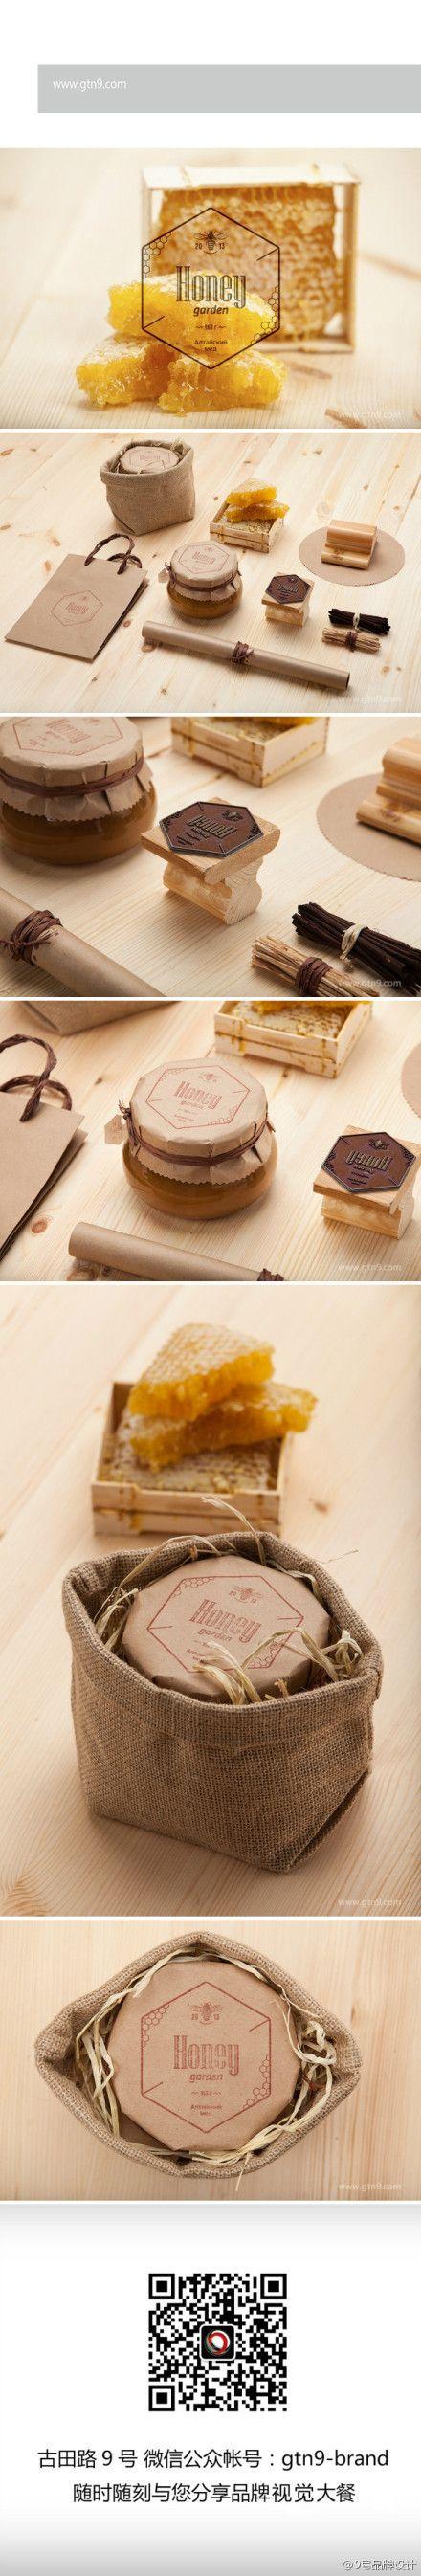 мед honey                                                                                                                                                     More